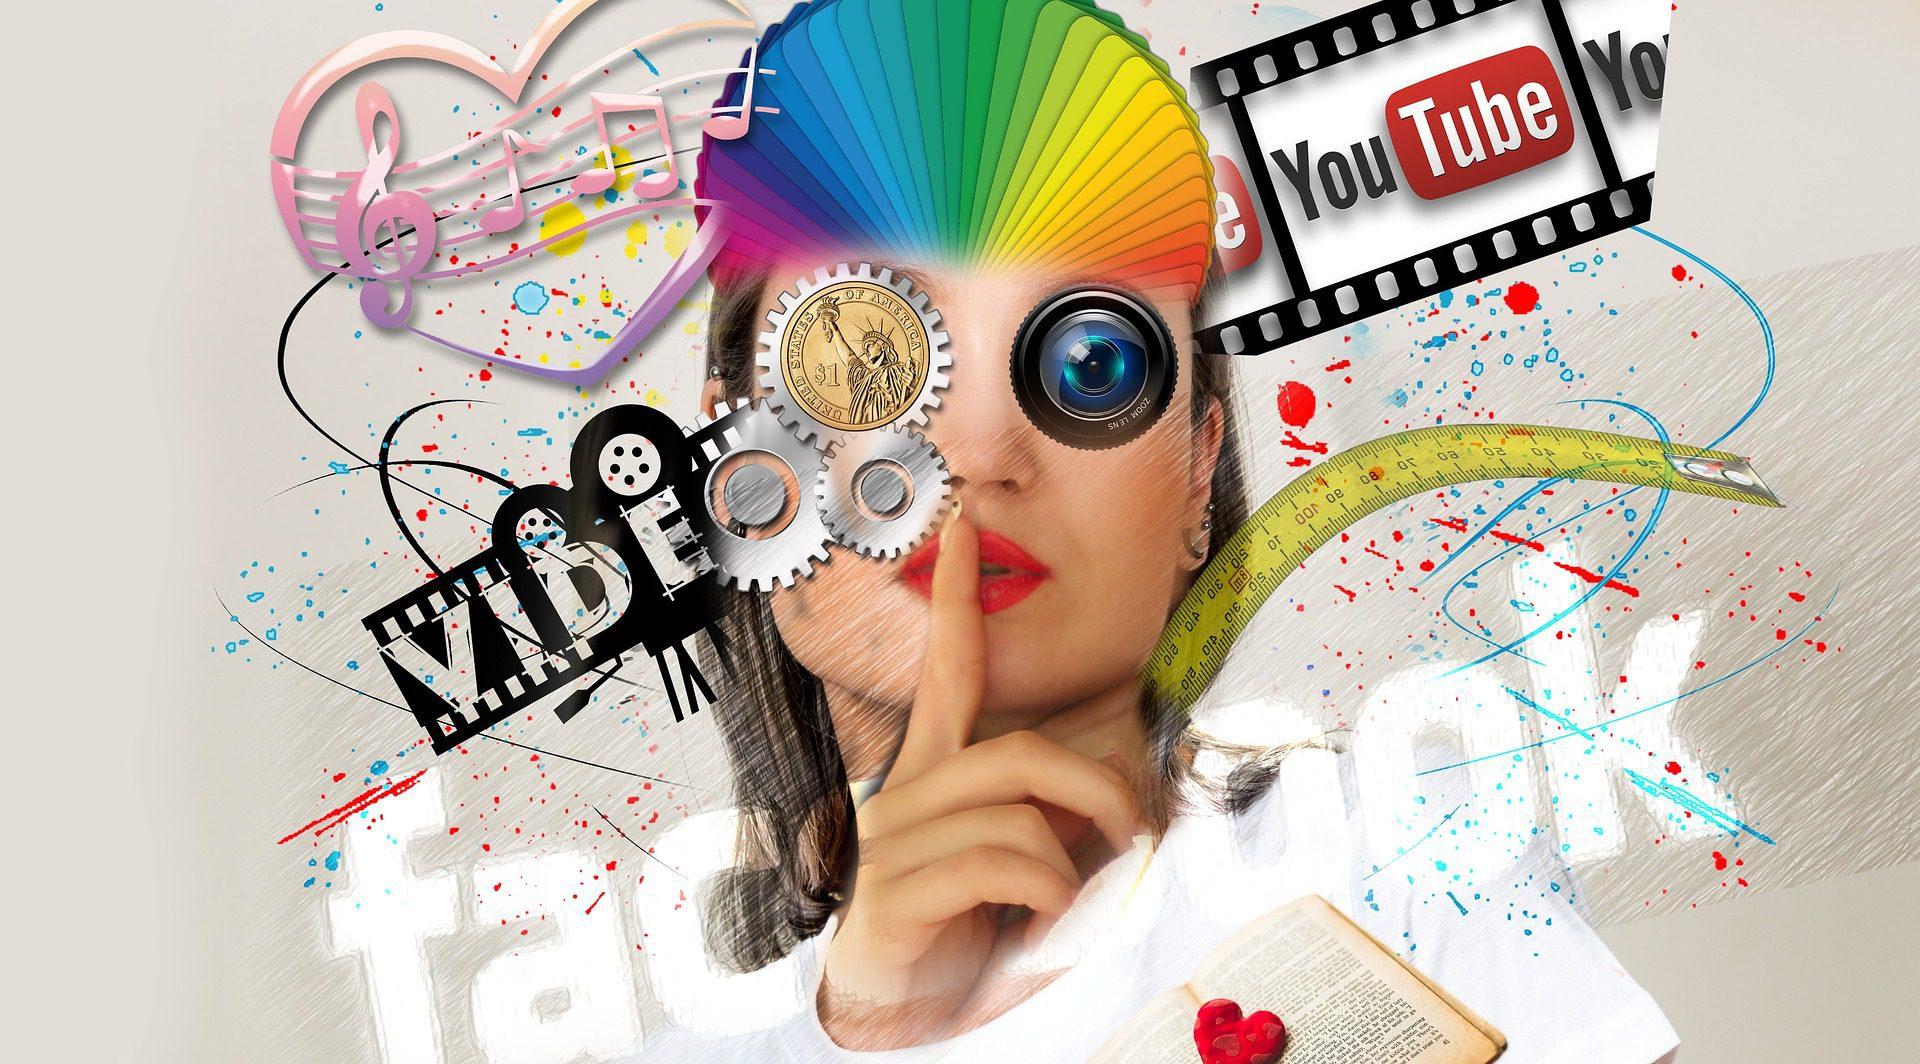 gestione-social-netword-per-aziende-a-torino-e-provincia